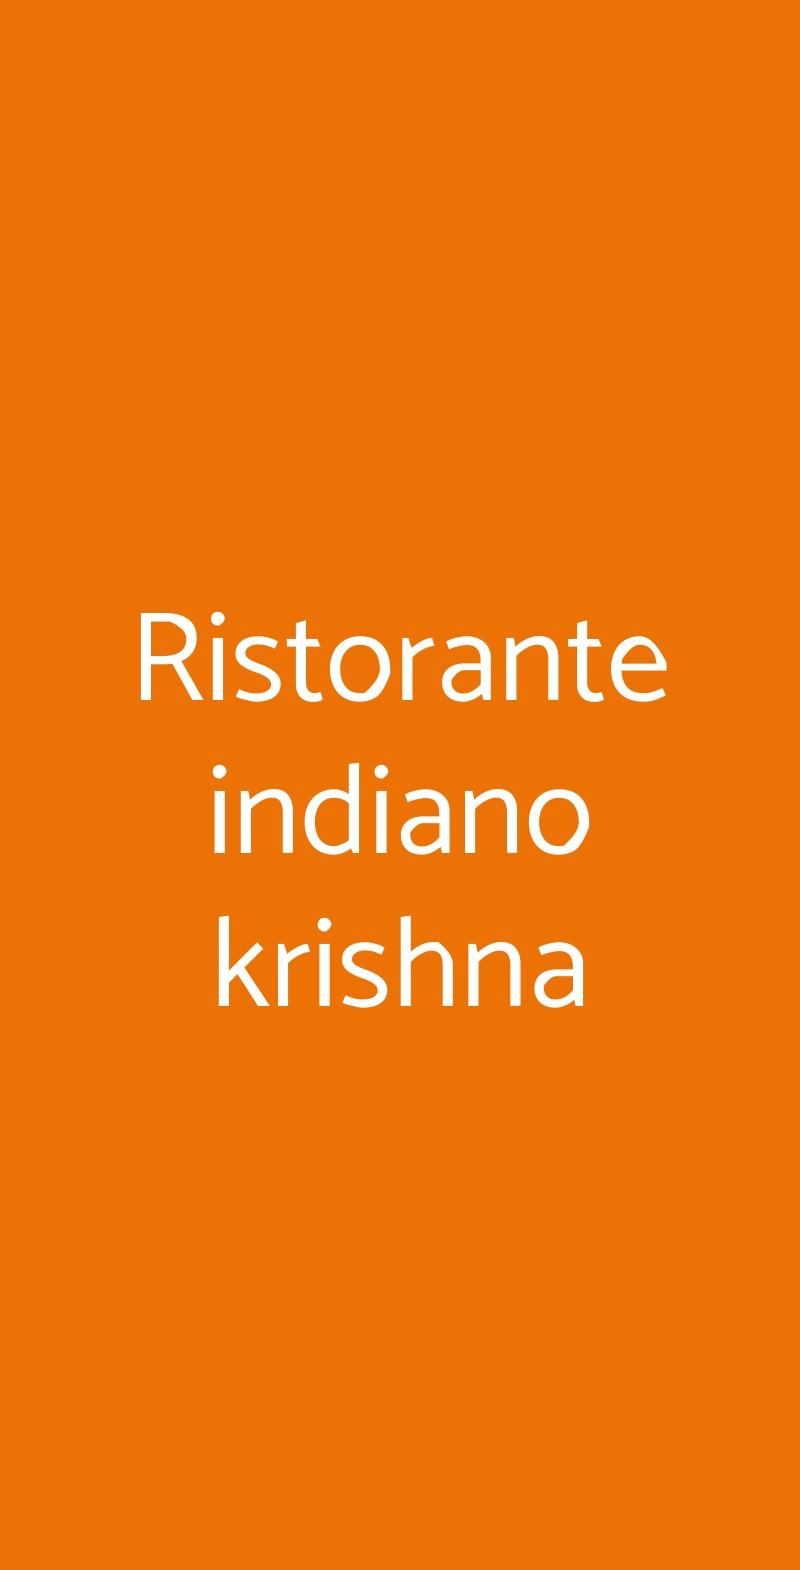 Ristorante indiano krishna Padova menù 1 pagina